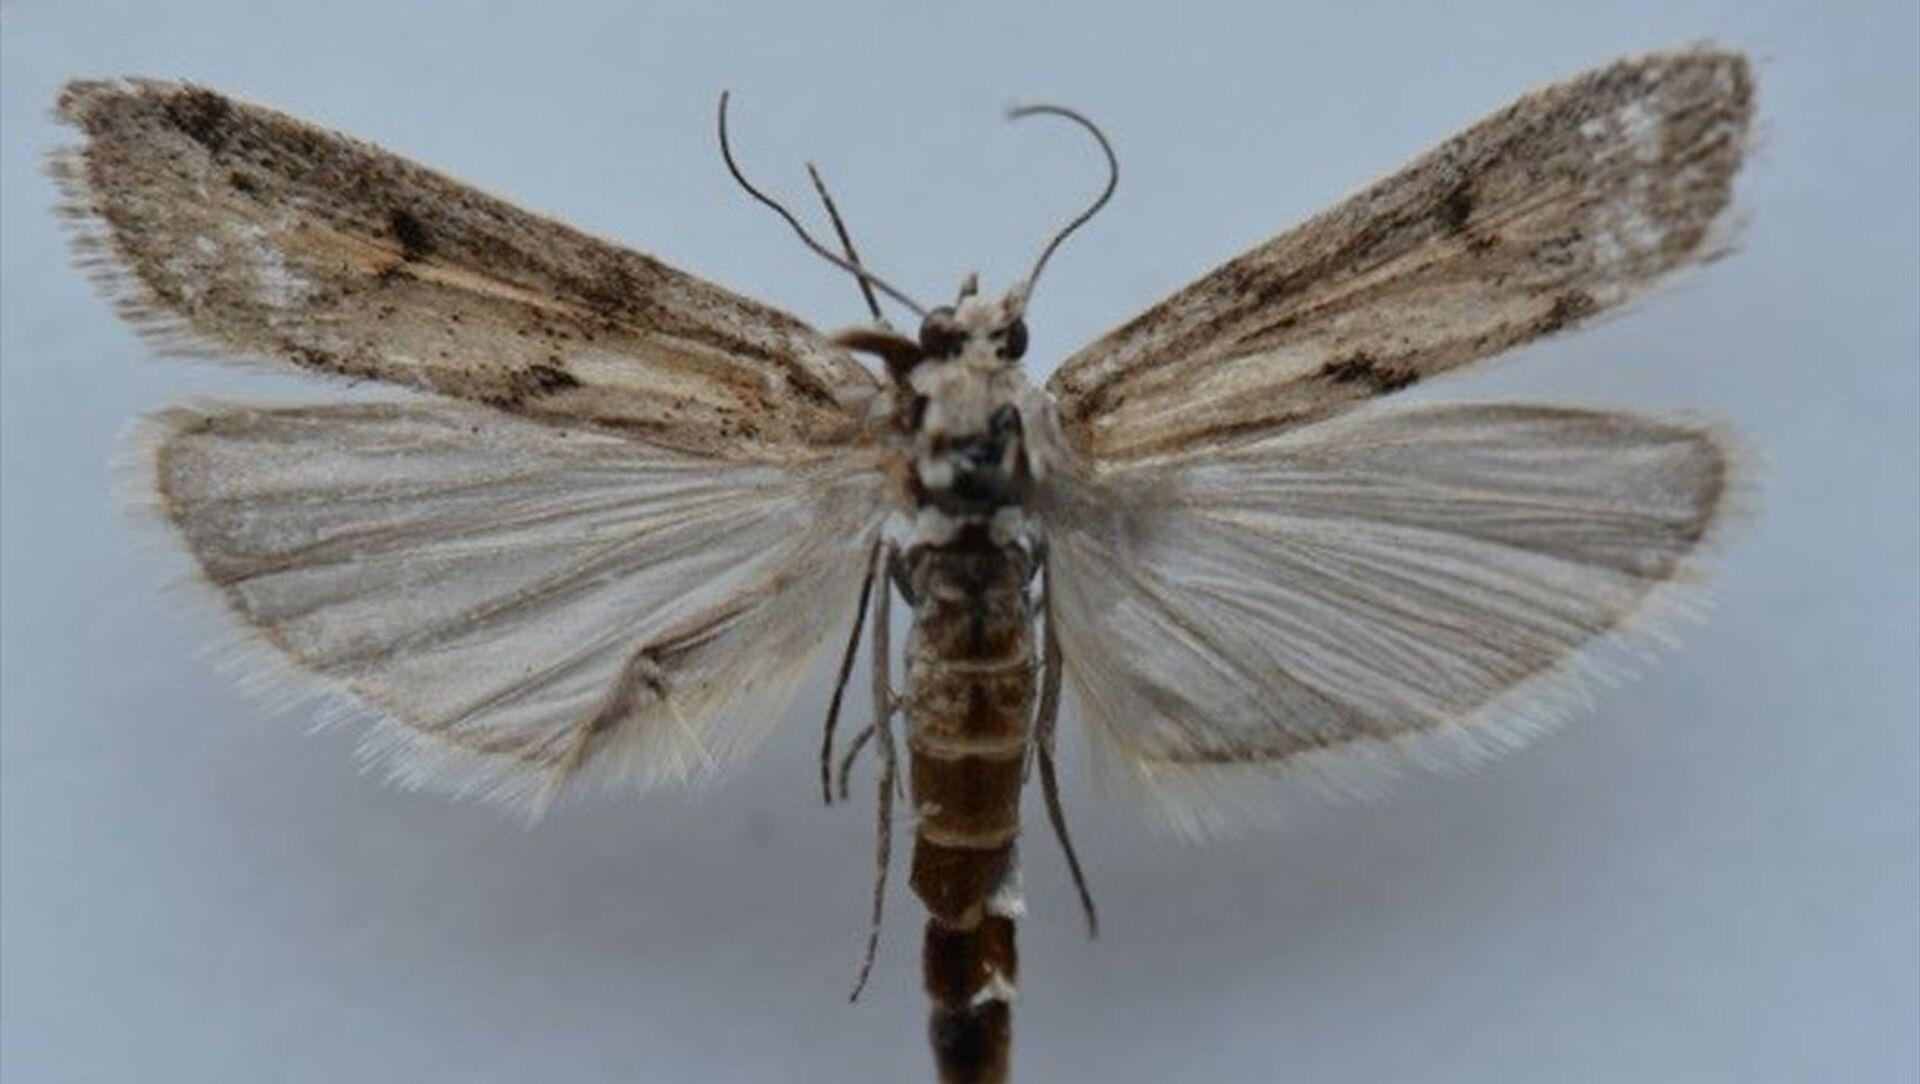 Ağrı Dağı'nda yapılan araştırmalarda yeni bir kelebek türü belirlendi. - Sputnik Türkiye, 1920, 07.04.2021